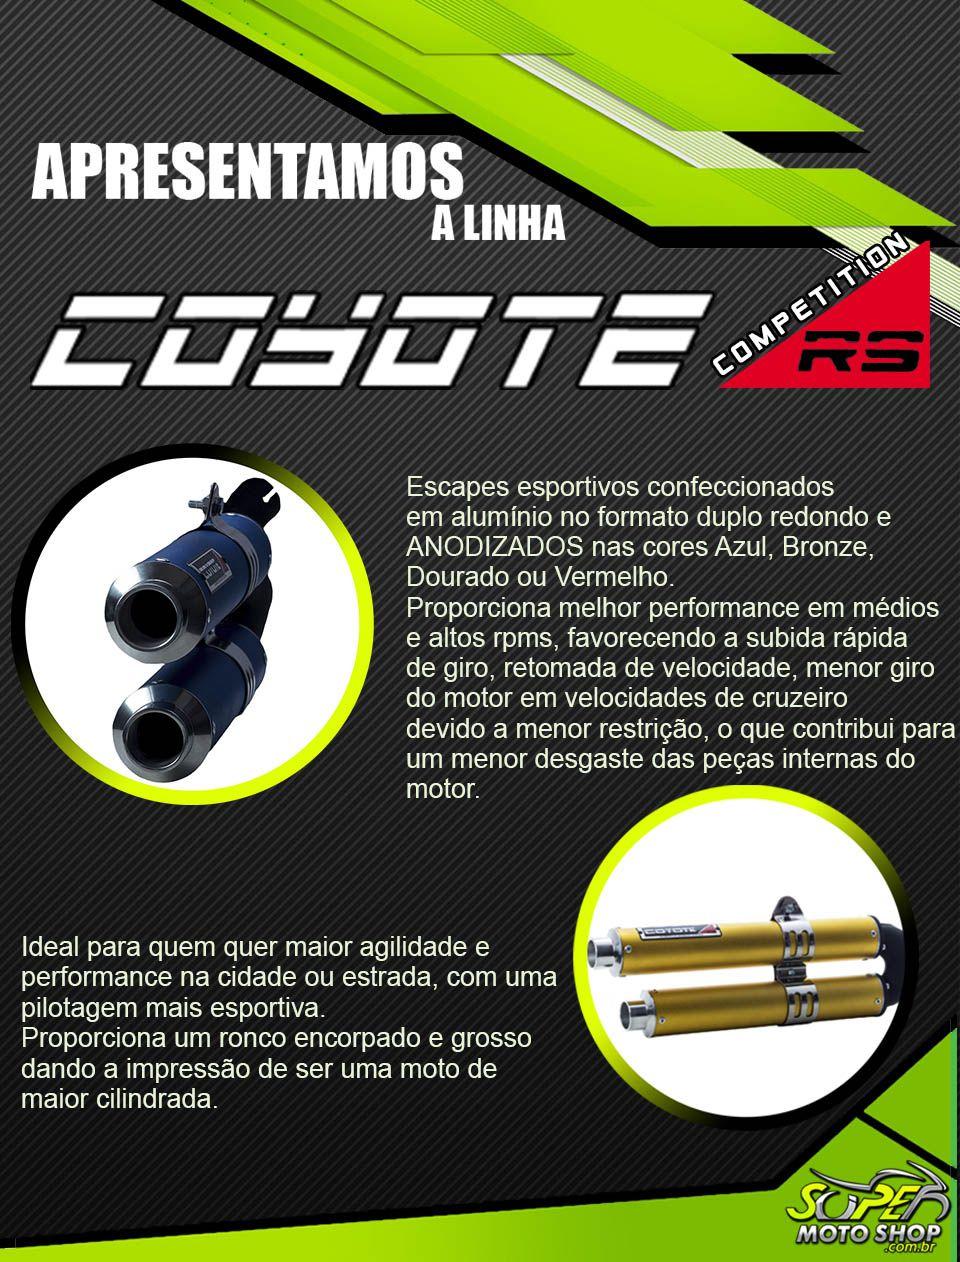 Escape / Ponteira Coyote Competition Duplo em Alumínio Colorido (Anodizado) - Crosser XTZ 150 - Yamaha